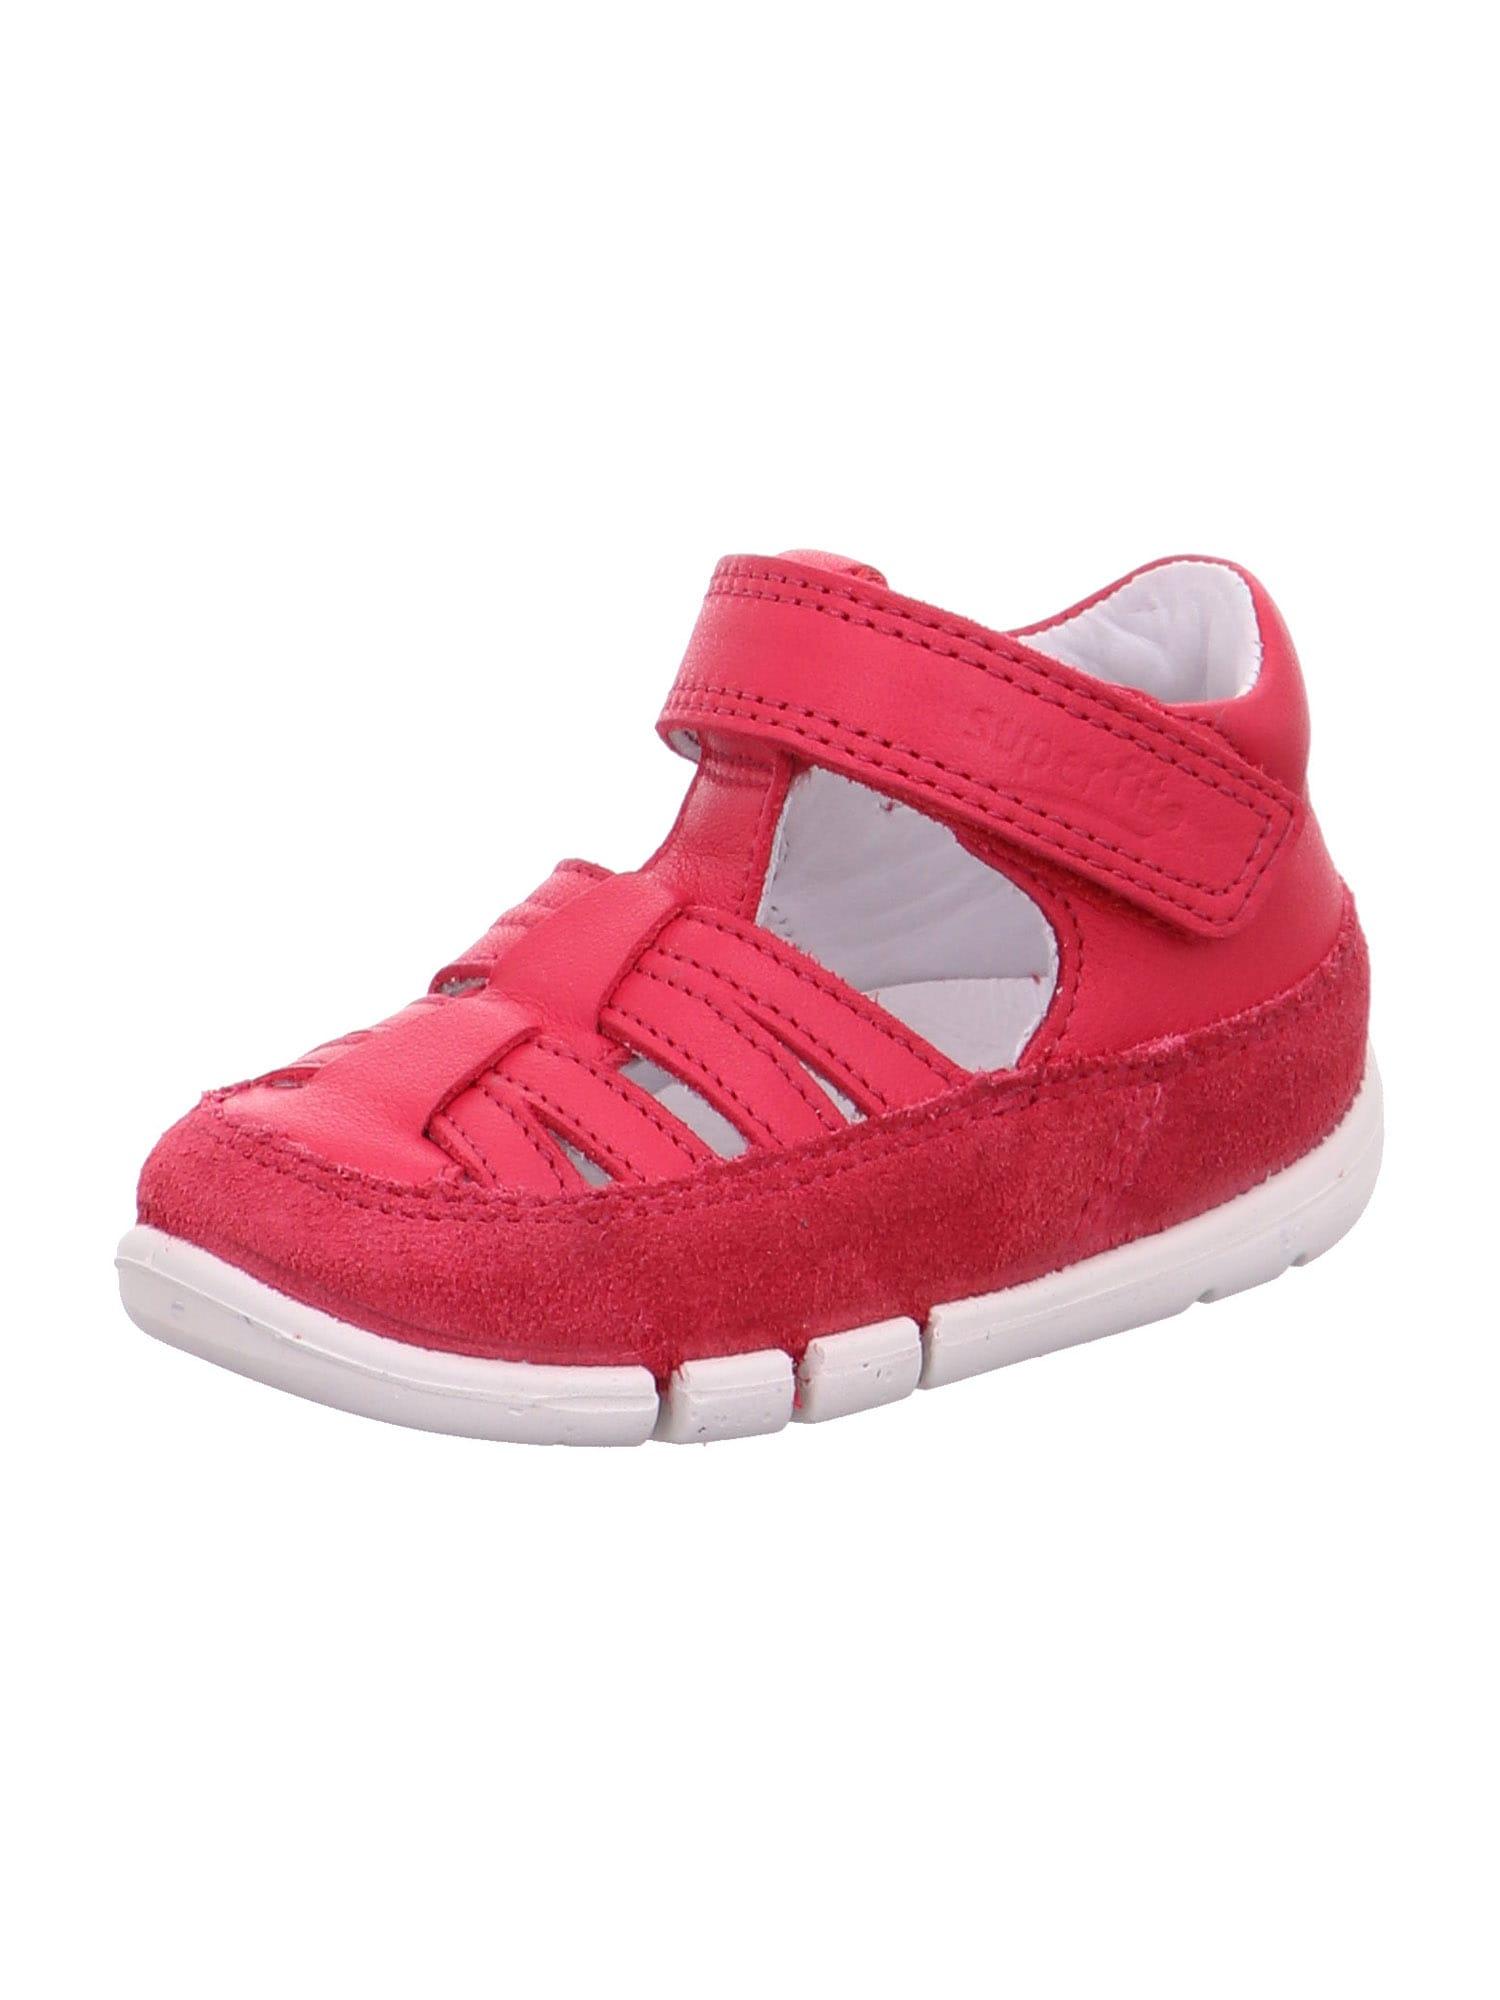 SUPERFIT Atviri batai 'FLEXY' spanguolių spalva